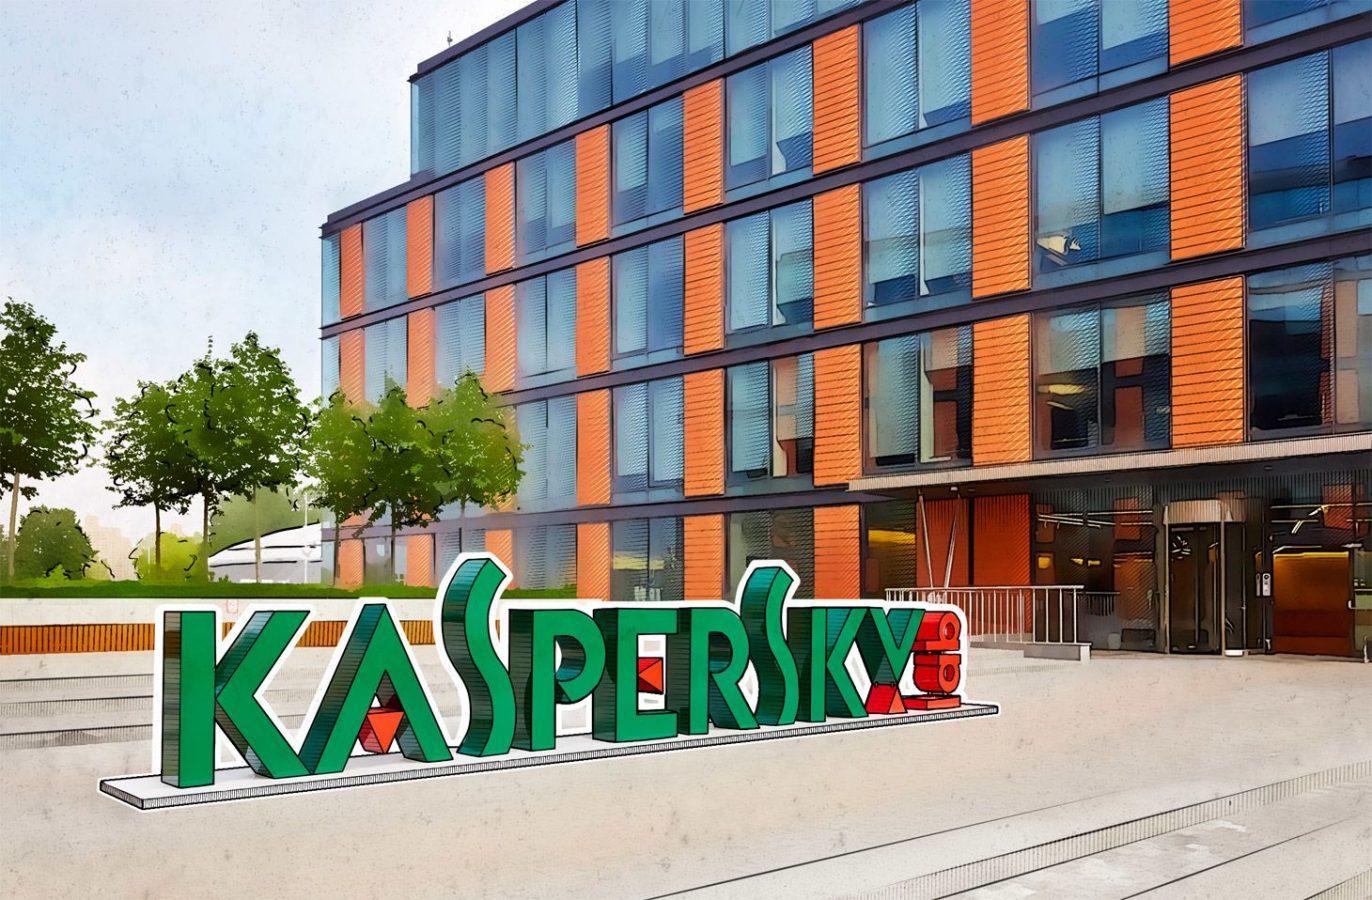 Bitcoin tra i principali argomenti di spam e phishing del 2017 secondo Kaspersky Lab - Mobile World Congress: Kaspersky Lab svela le vulnerabilità scoperte in uno smart home hub